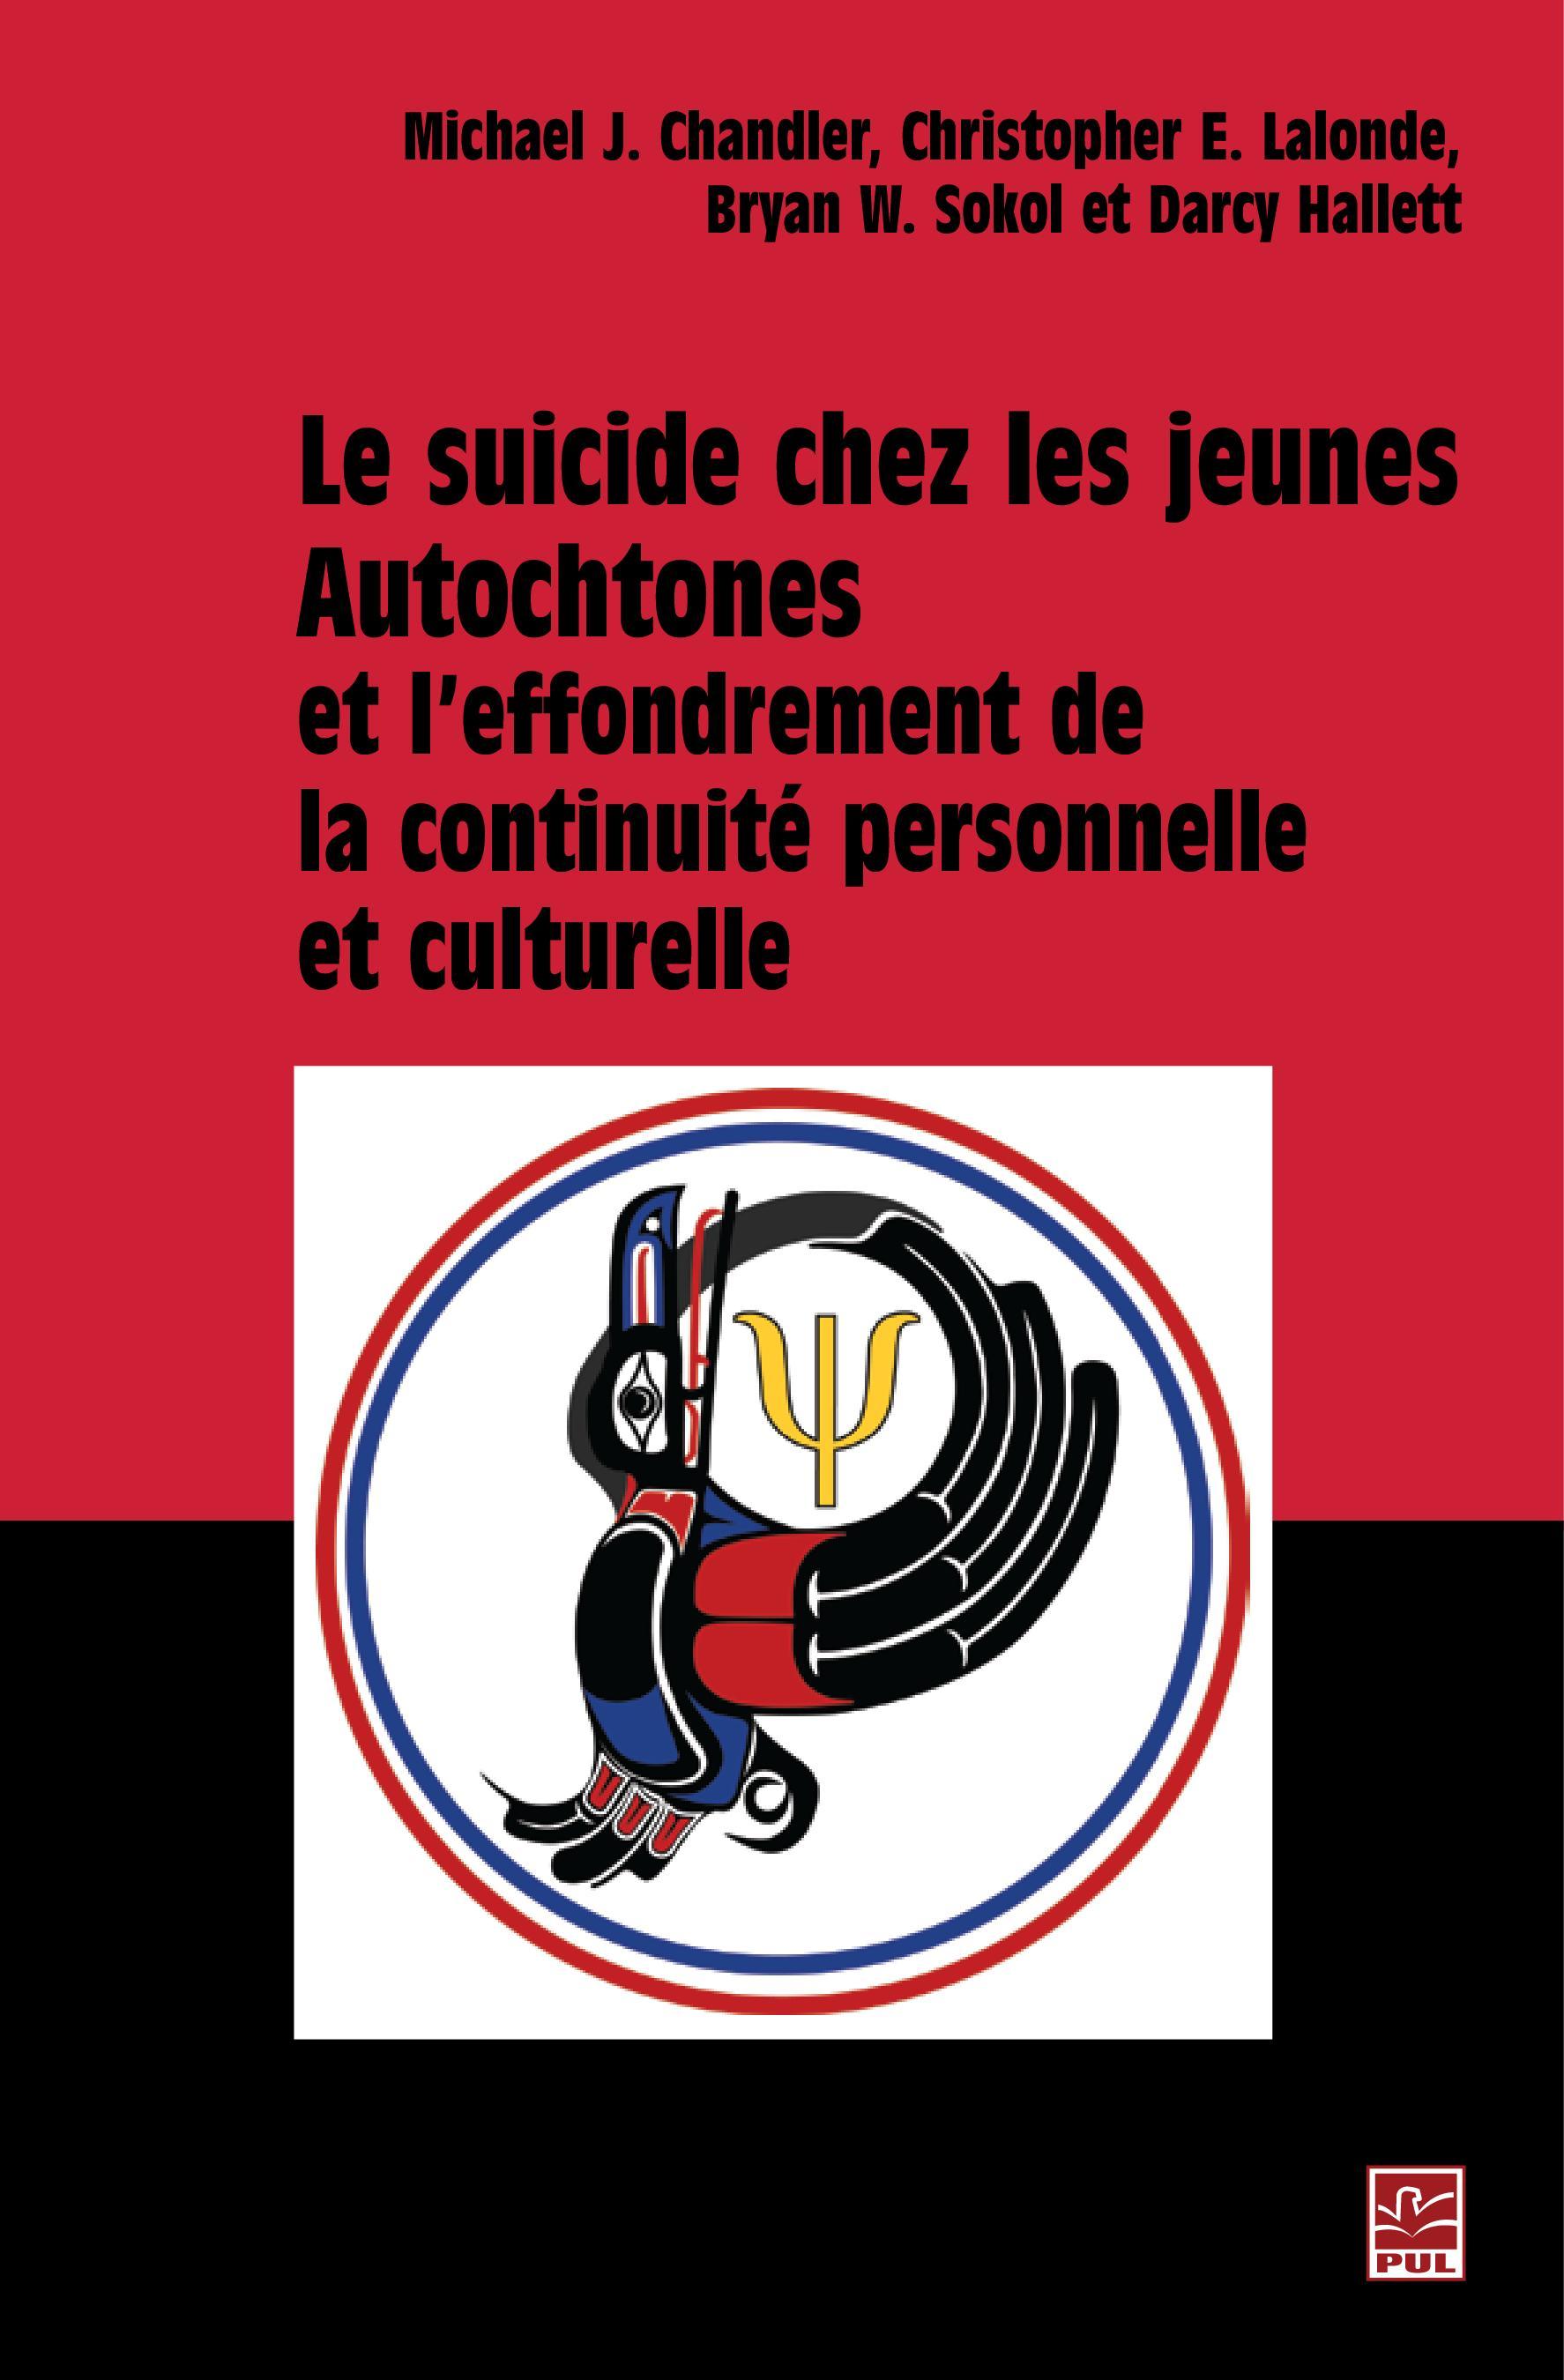 Le suicide chez les jeunes autochtones et l'effondrement...